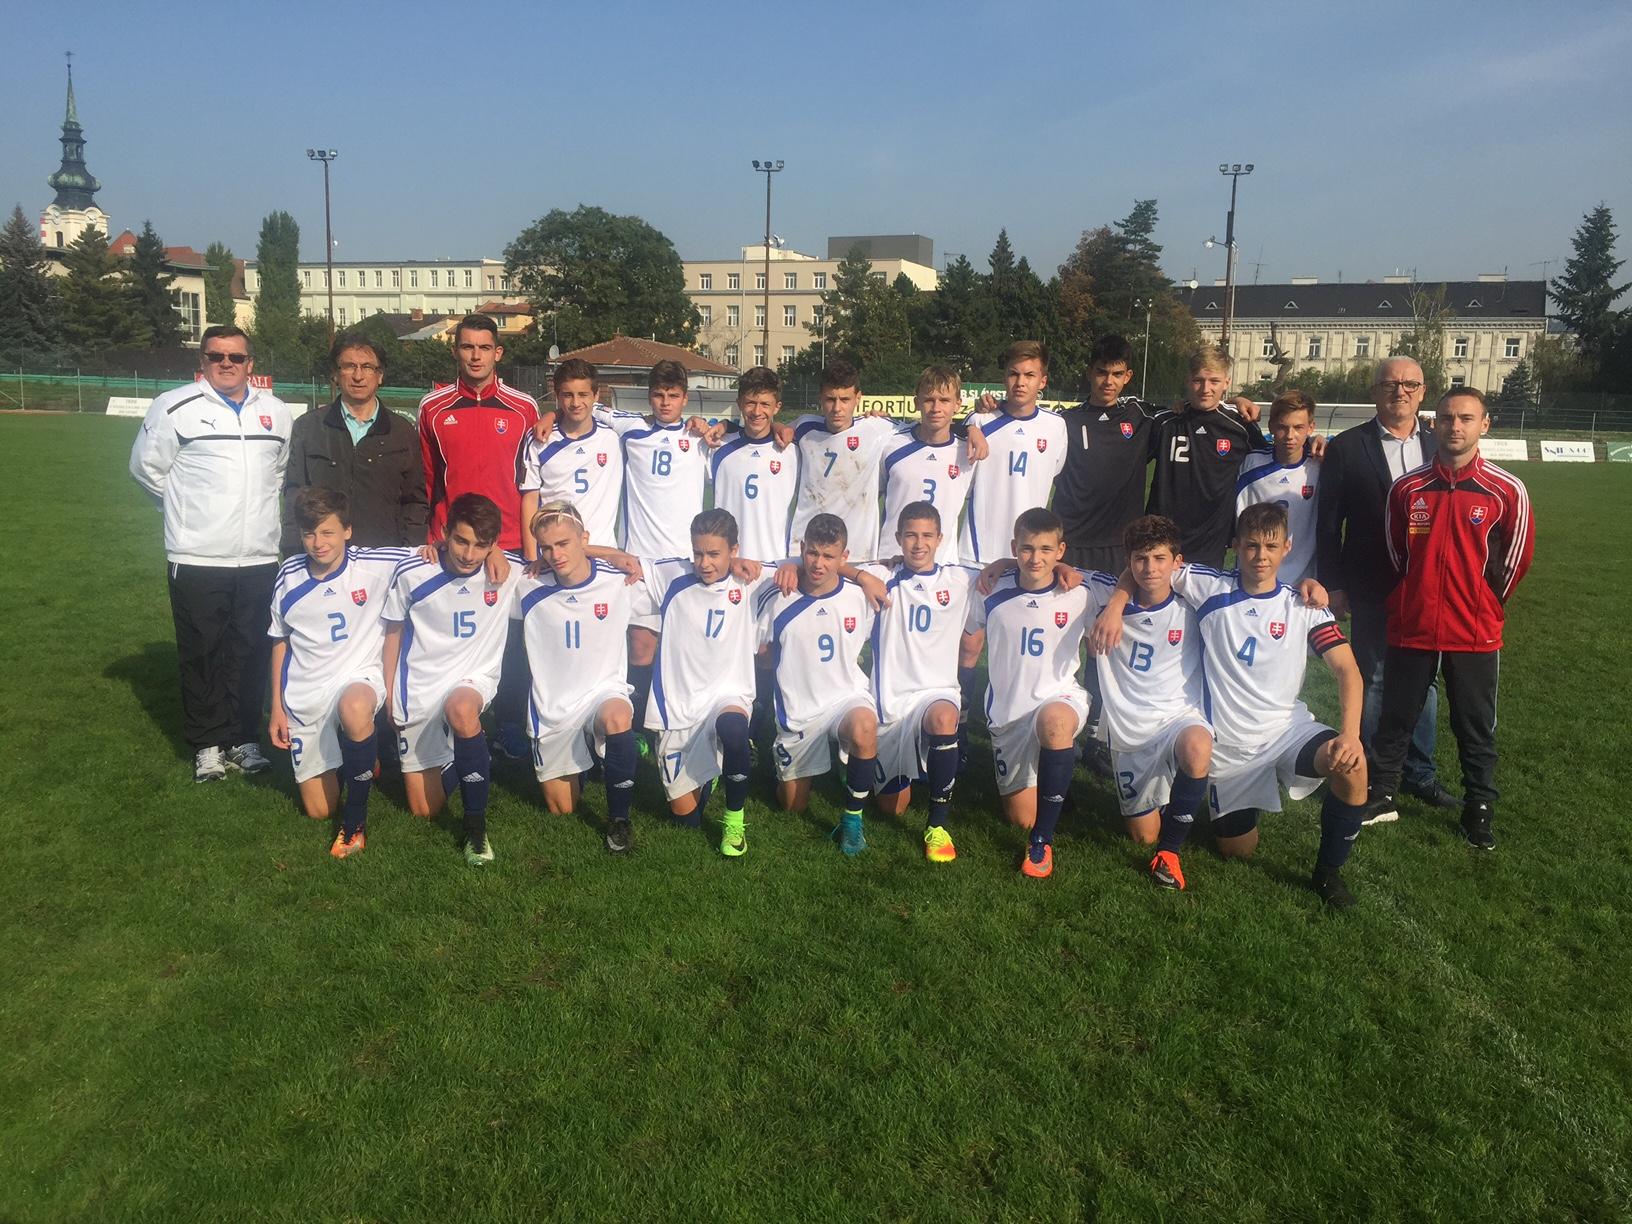 d7b6c4df51 Výber BFZ U15 Moravia Danubia cup 2017 Brno